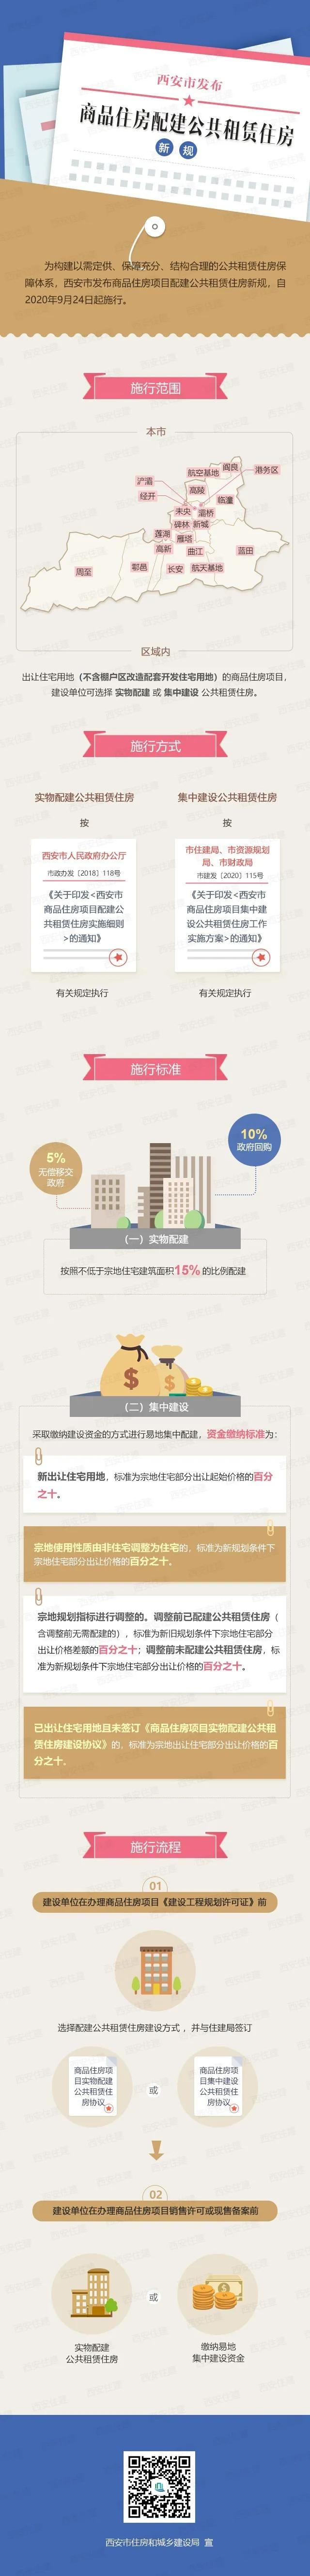 西安:商品房项目必须配建公租房 不低于总面积的15%